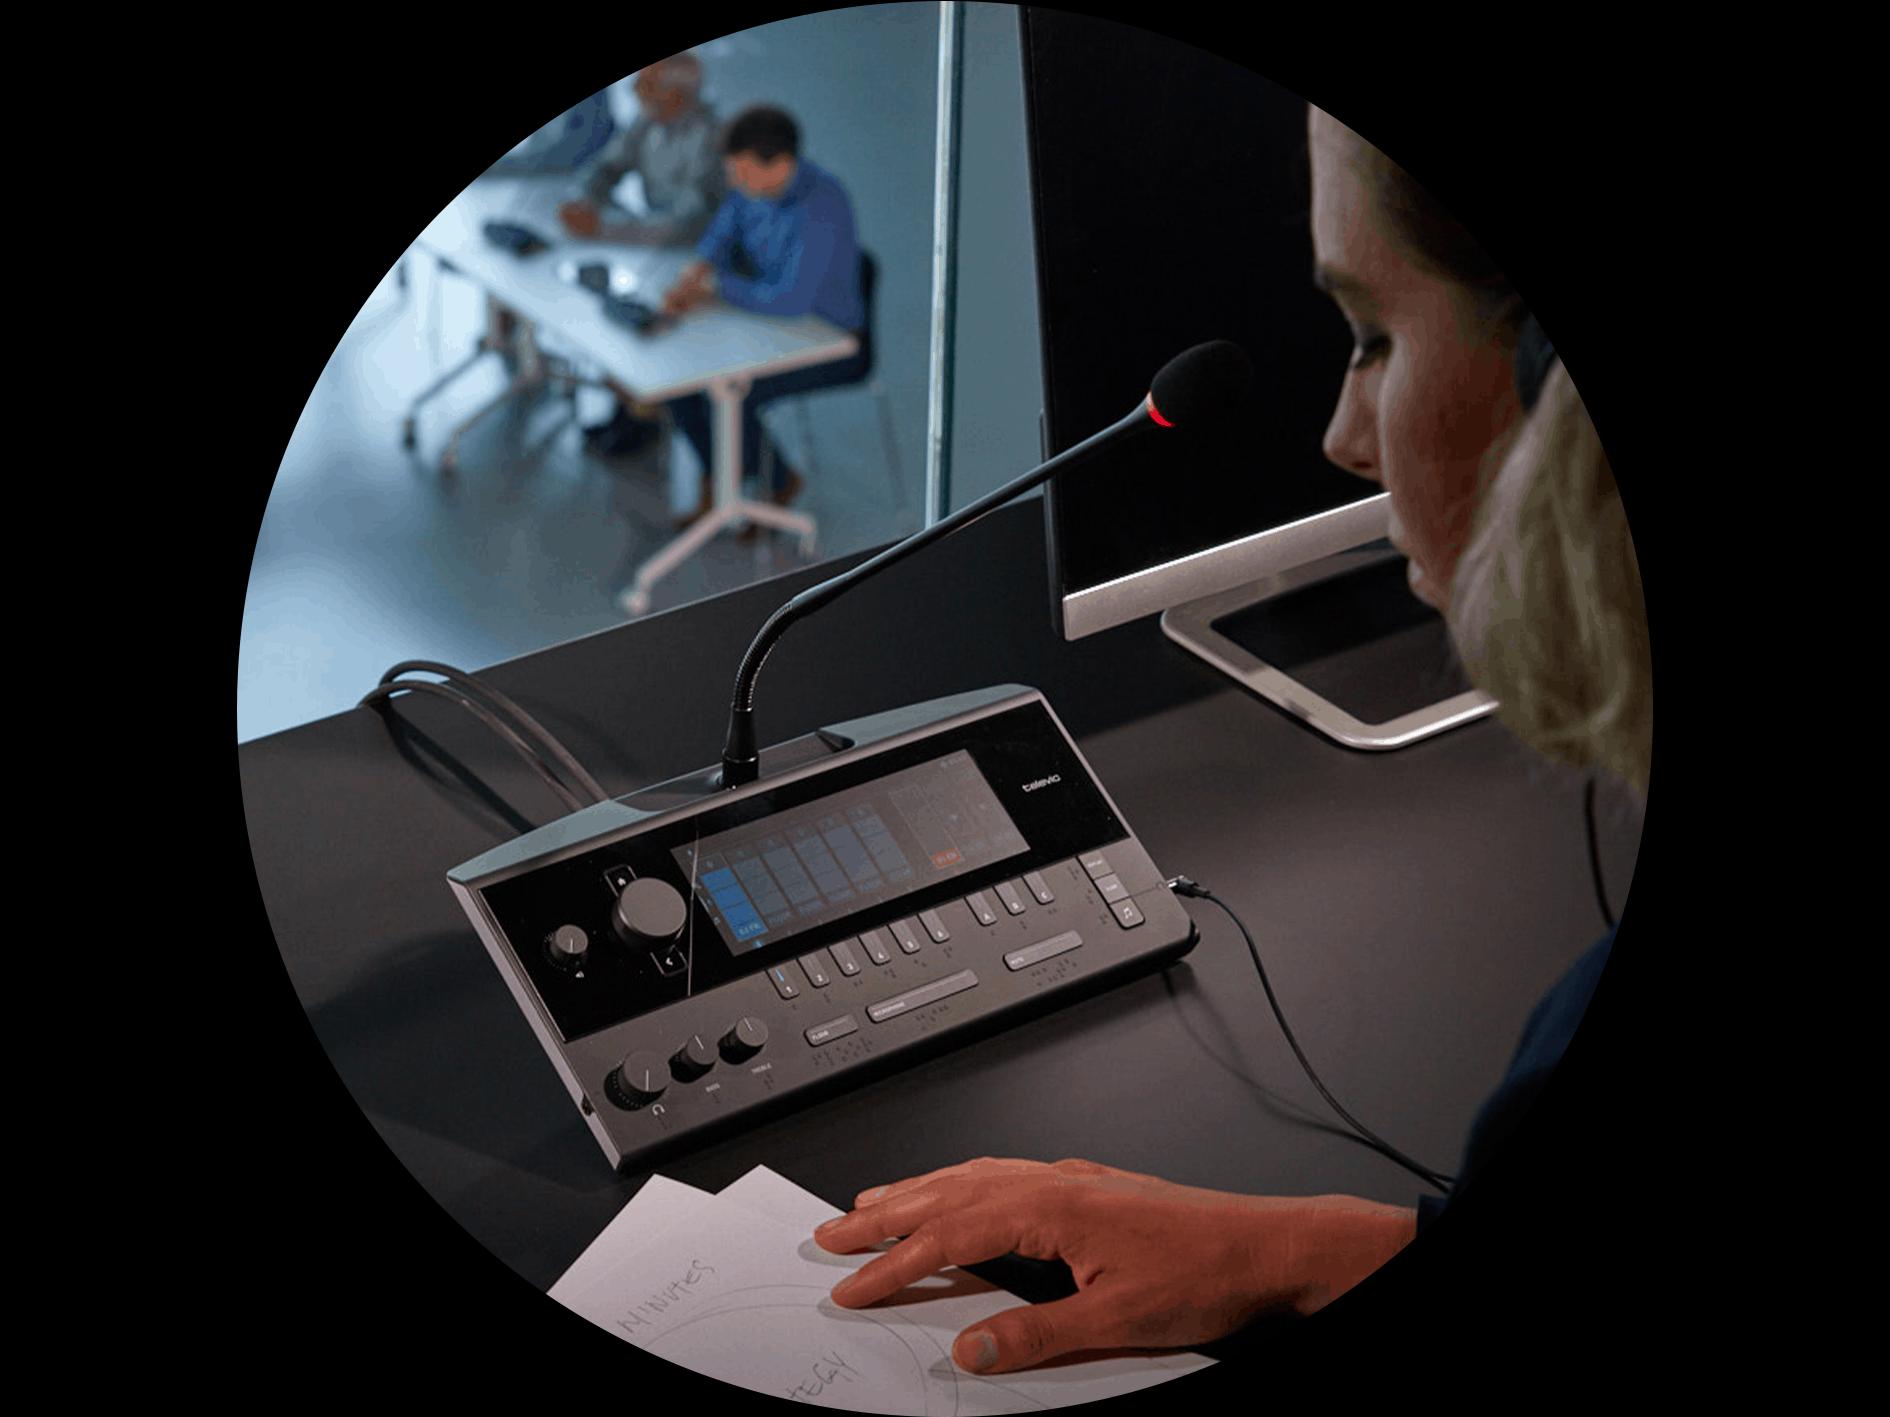 Système d'interprétation simultanée Lingua - Televic Conference